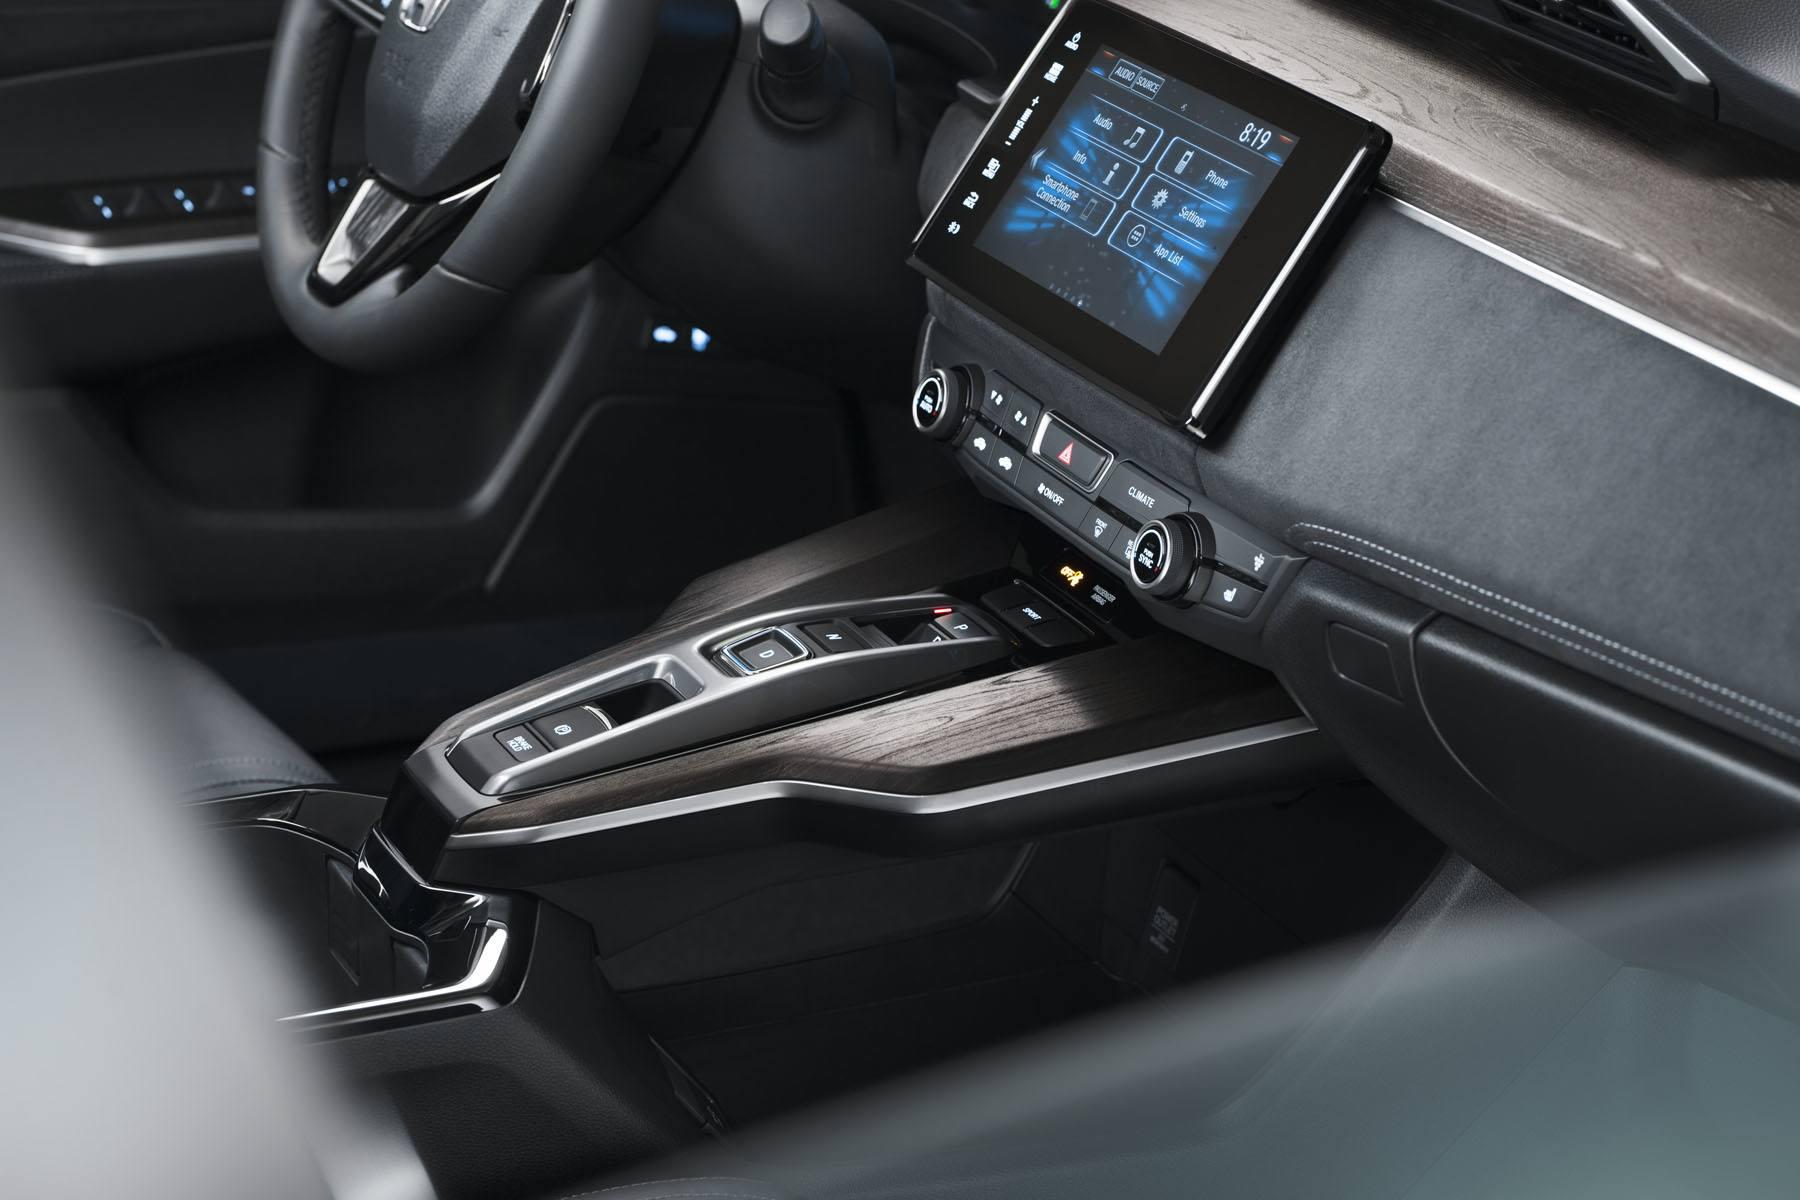 interior view inside a Honda Clarity car